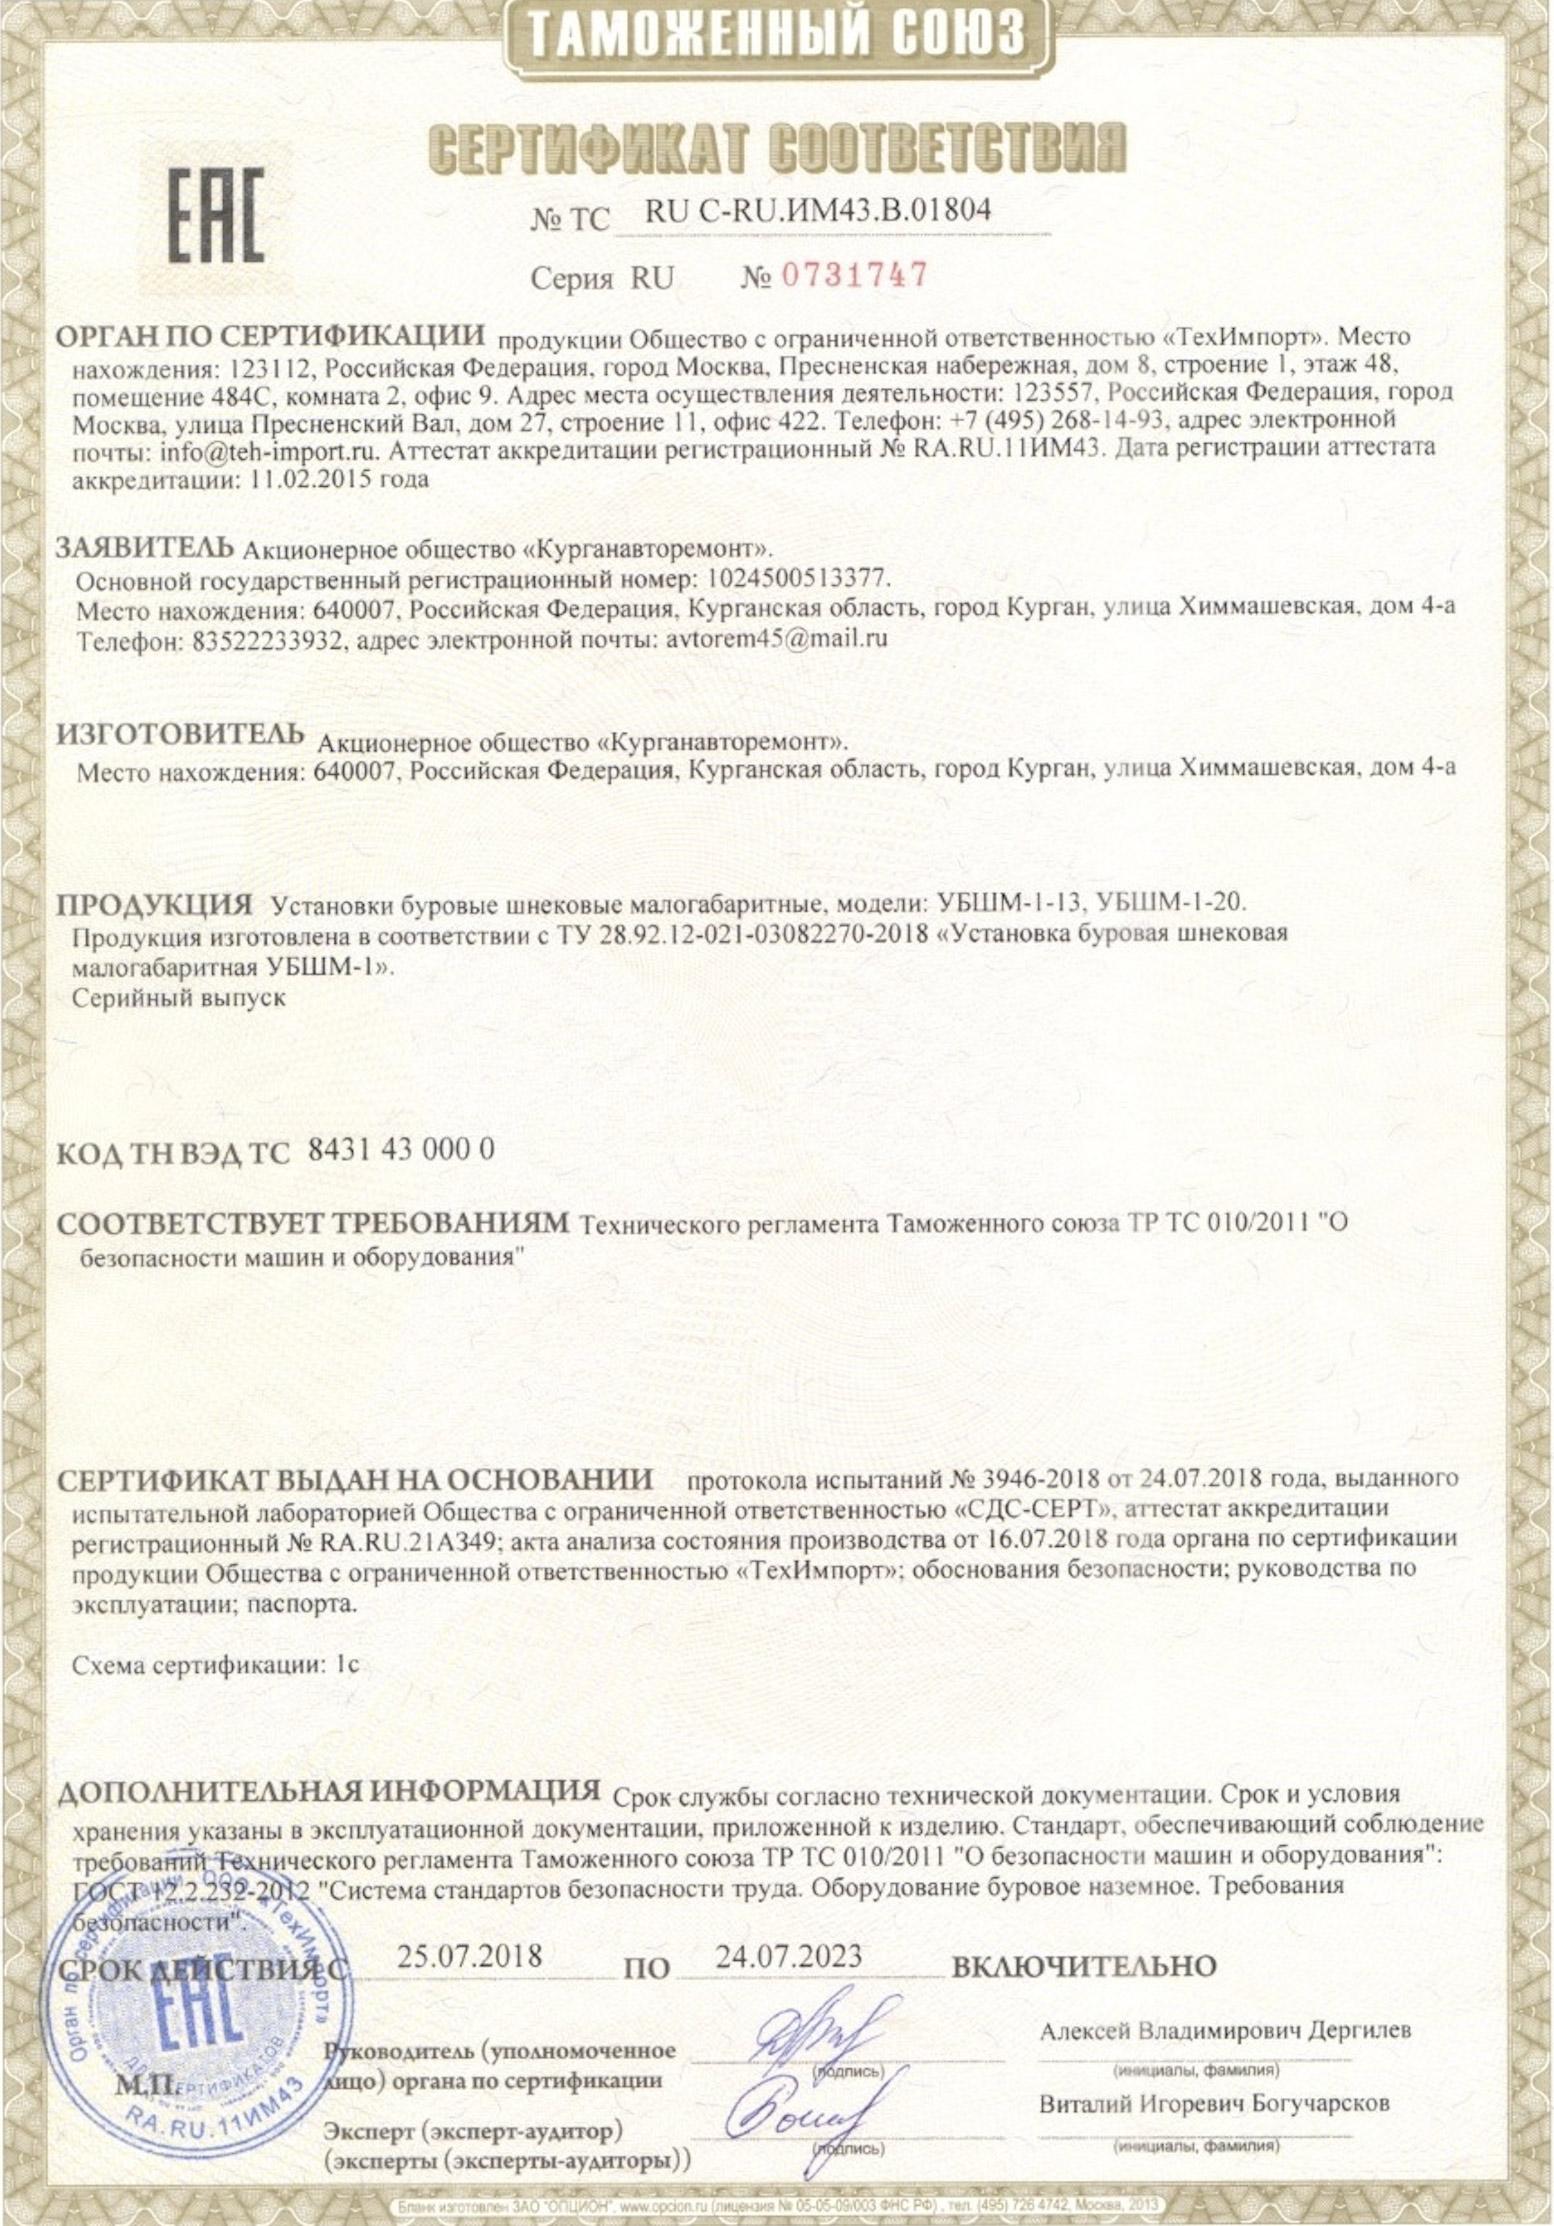 Сертификат Установка буровая малогабаритная УБШМ-1-20